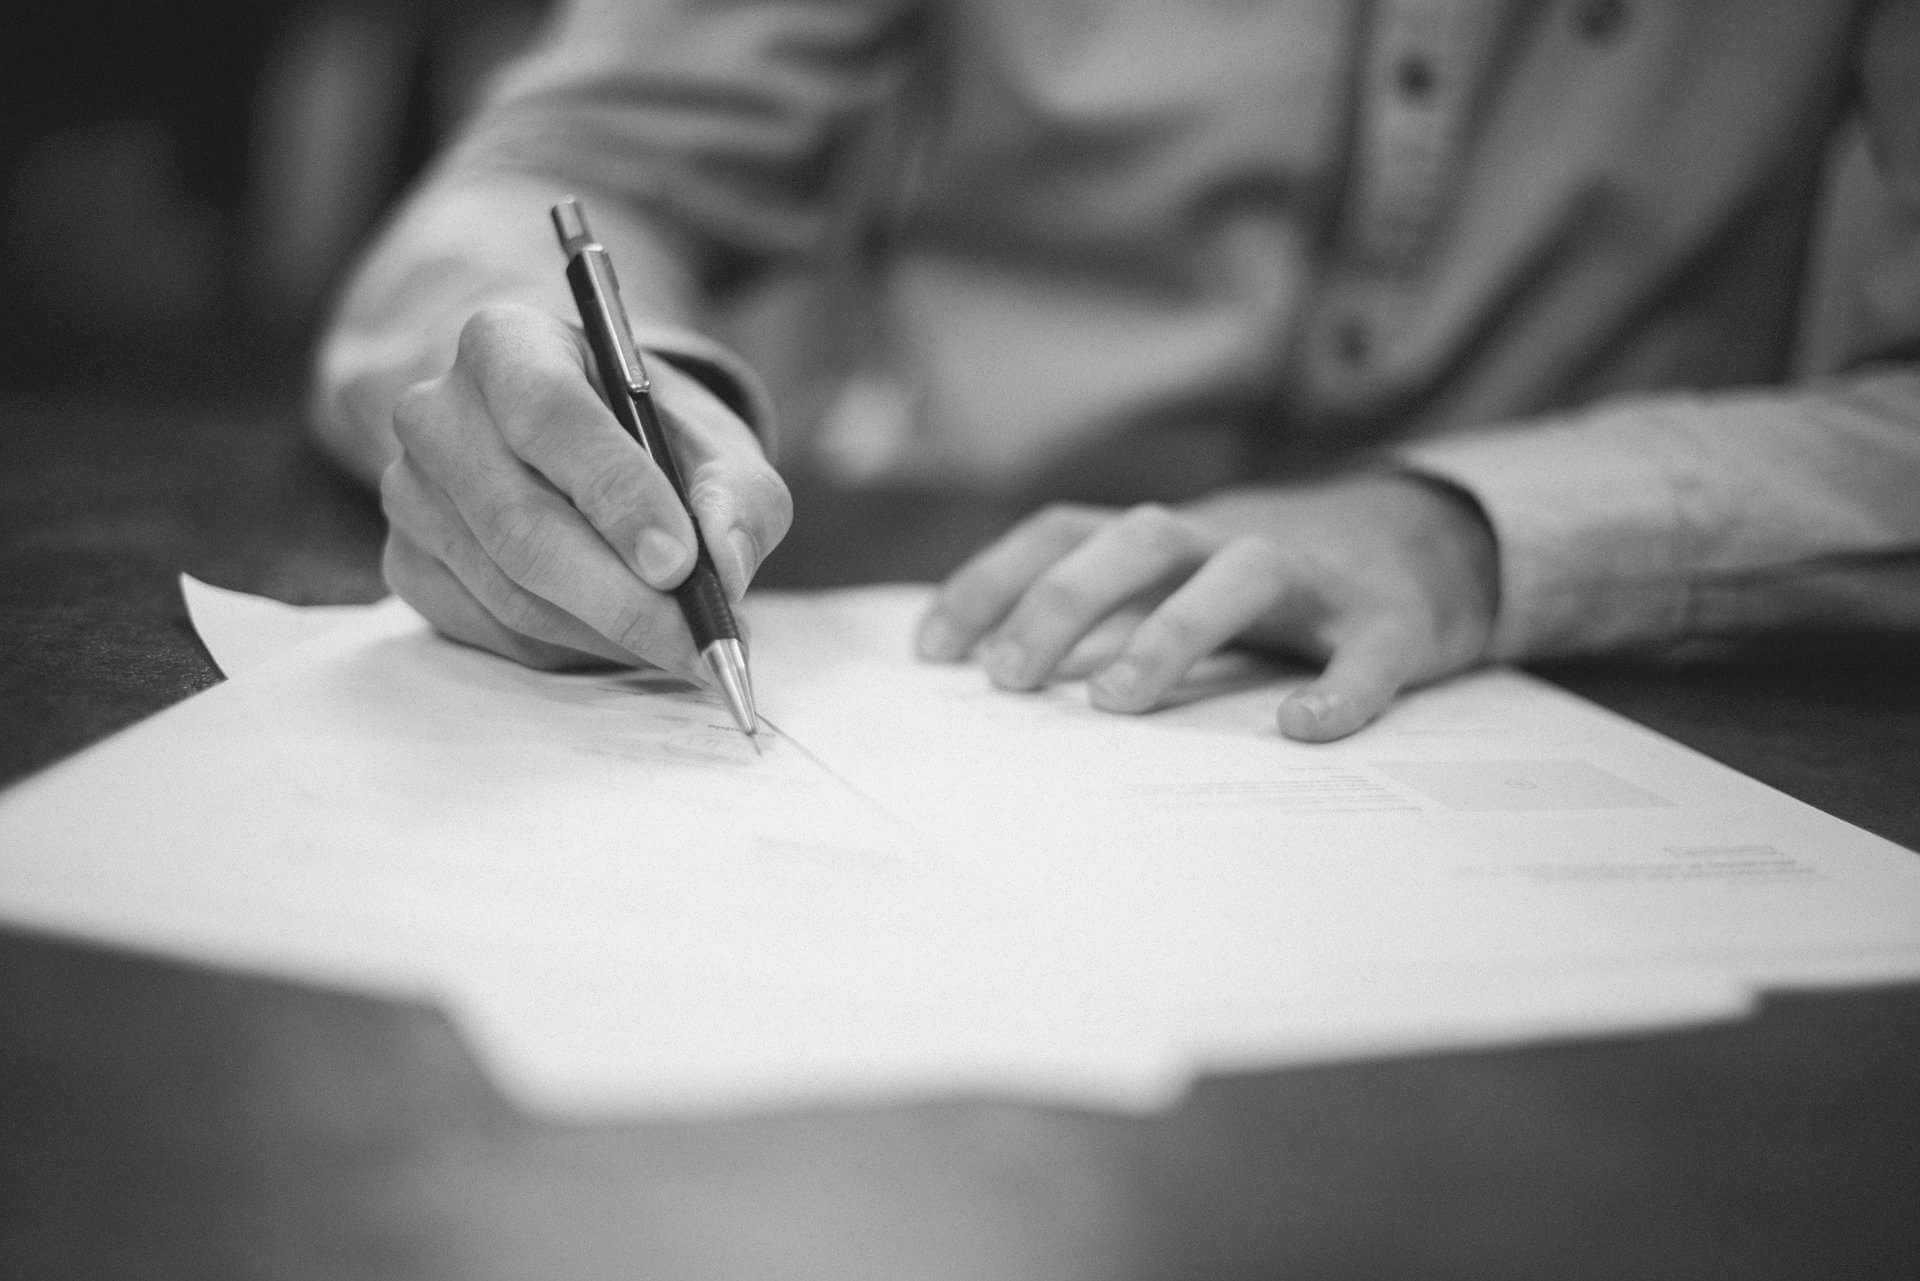 Unterschreiben eines Vertrags